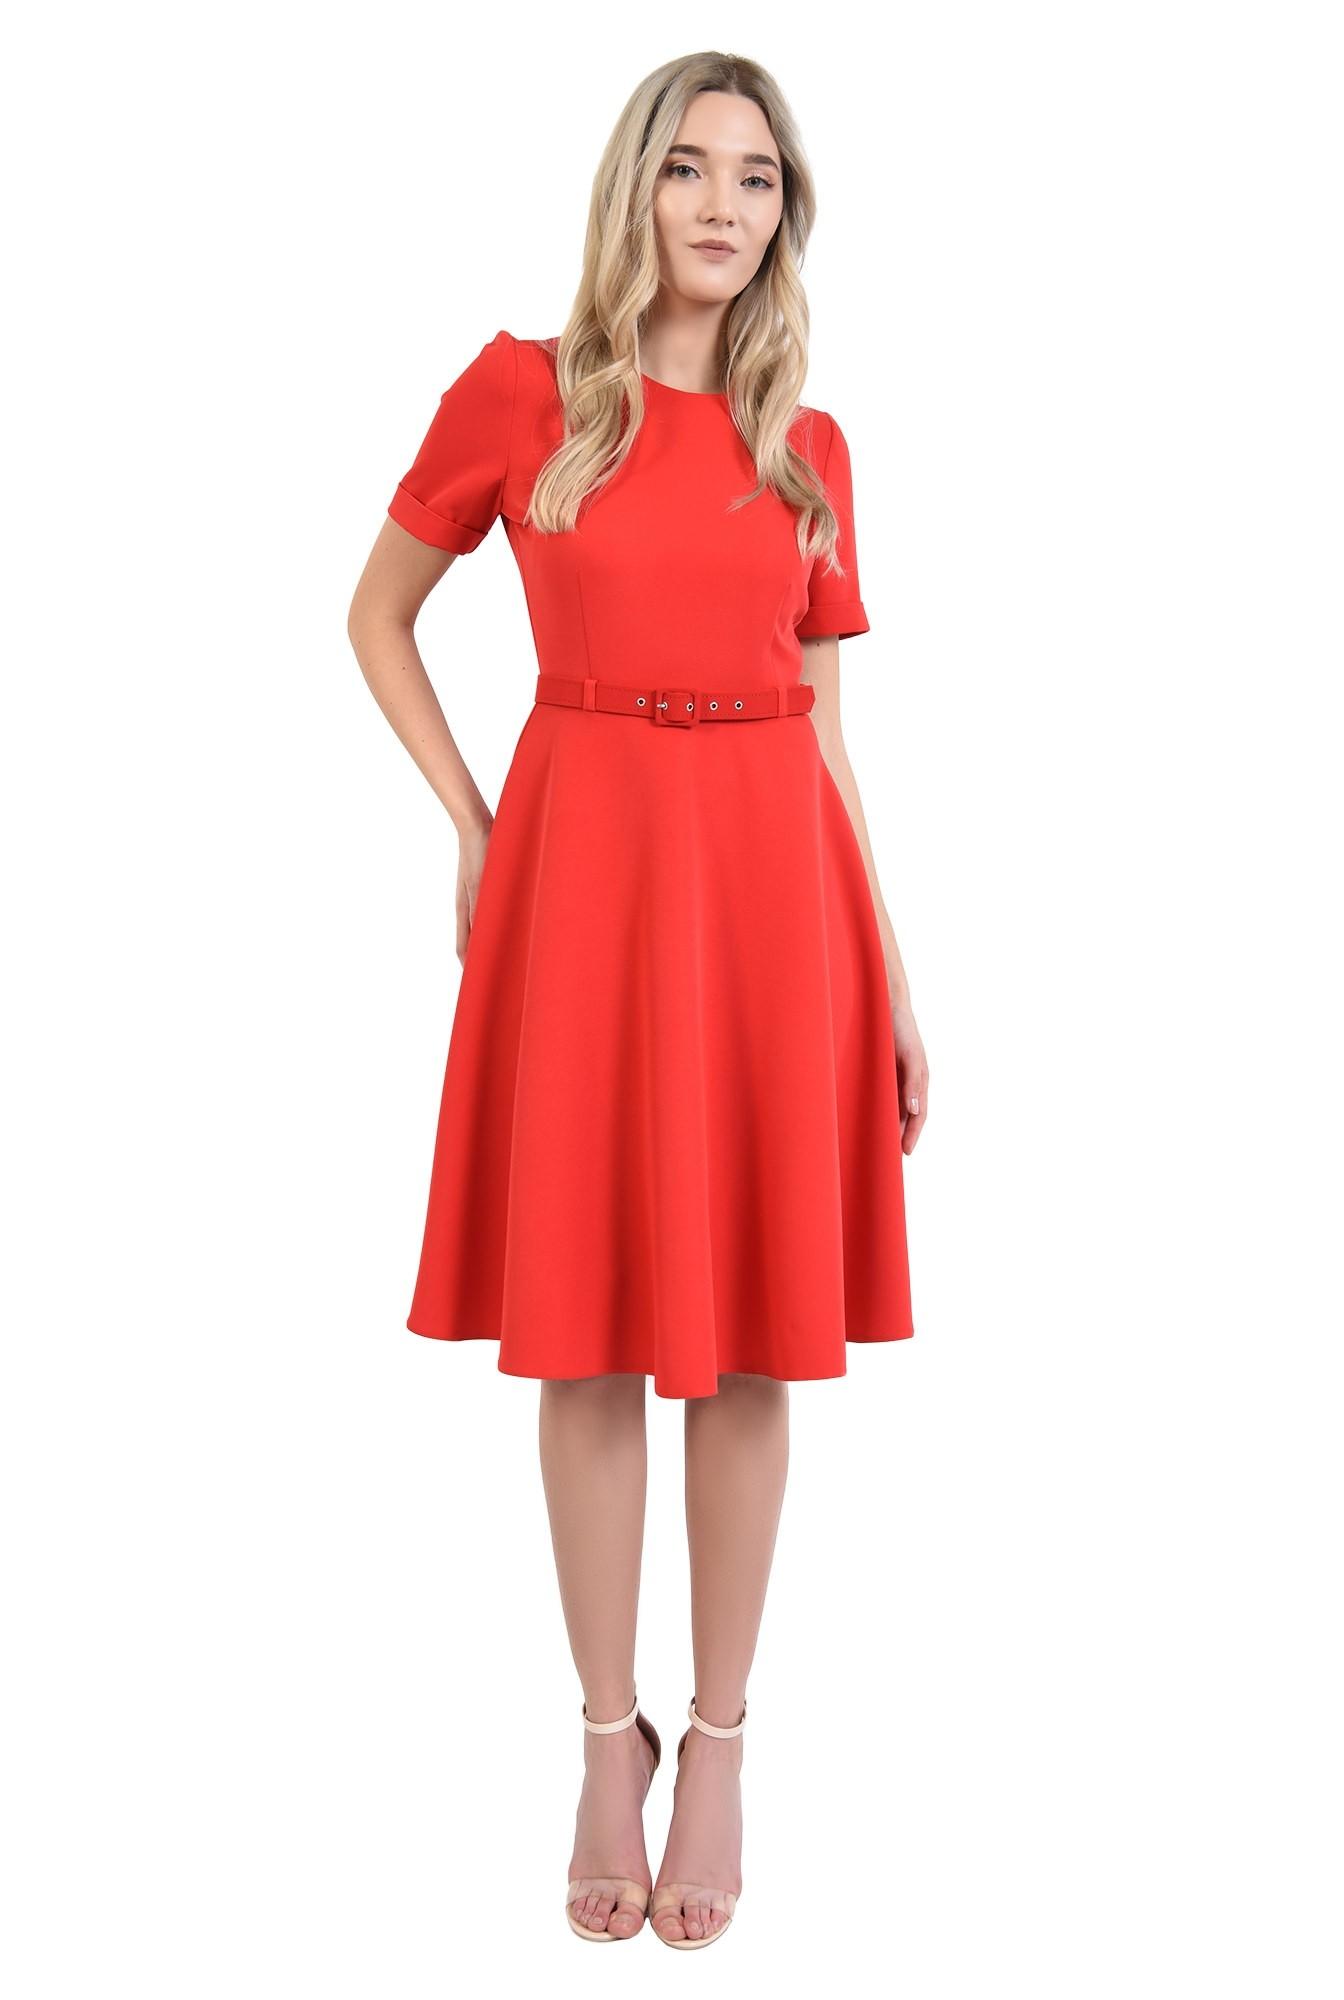 0 - rochie office, rosie, evazata, cu maneci scurte, fermoar la spate